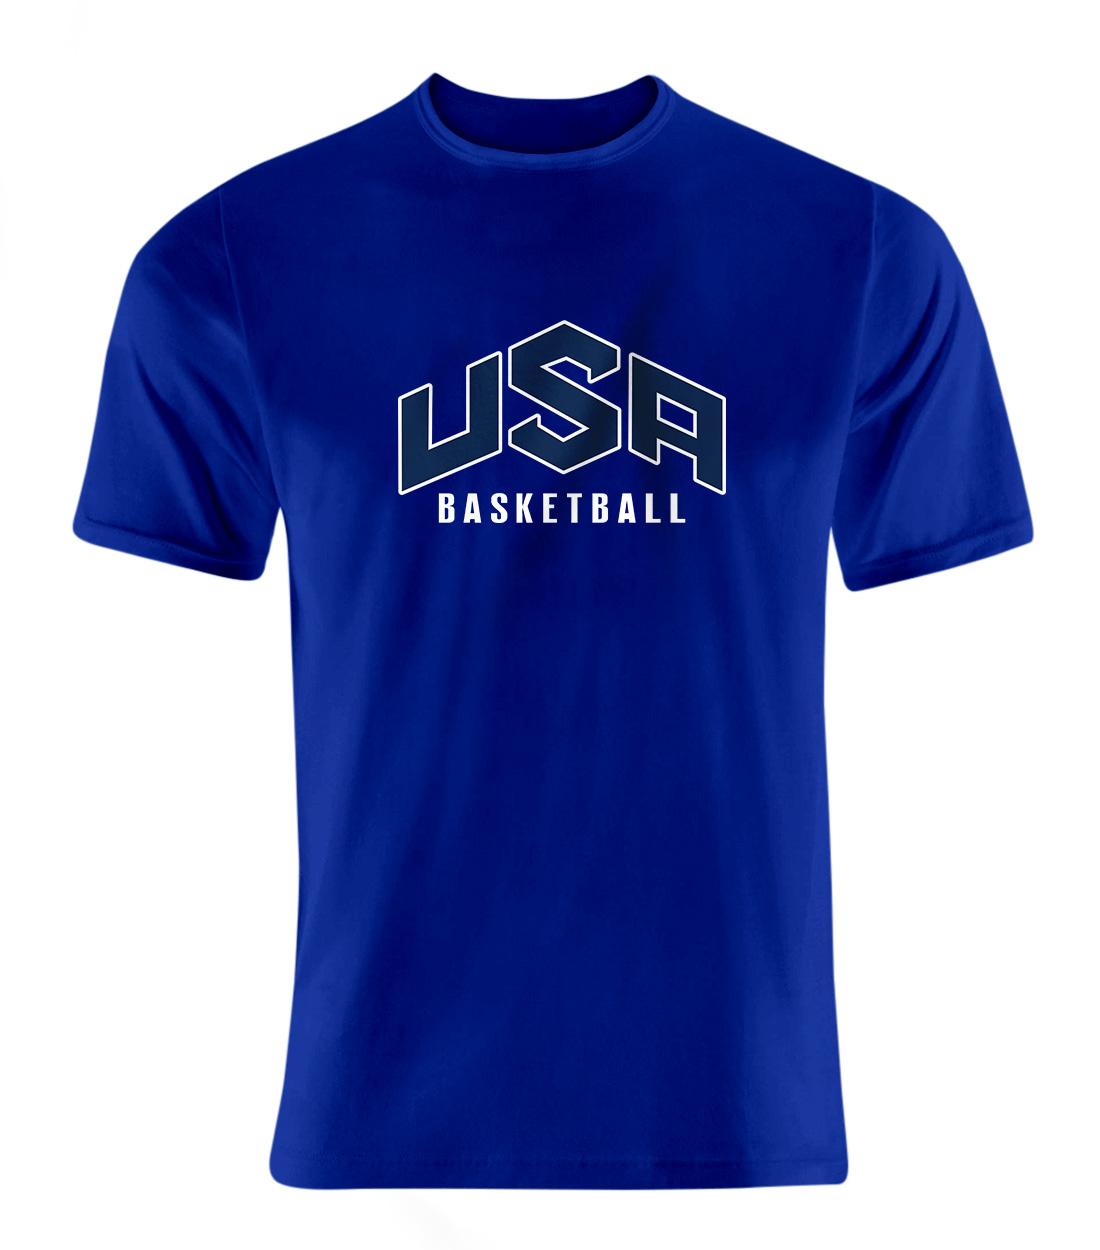 Olympic Team USA Basketball Tshirt (TSH-BLU-240-NBA-USA-BASKETBALL)